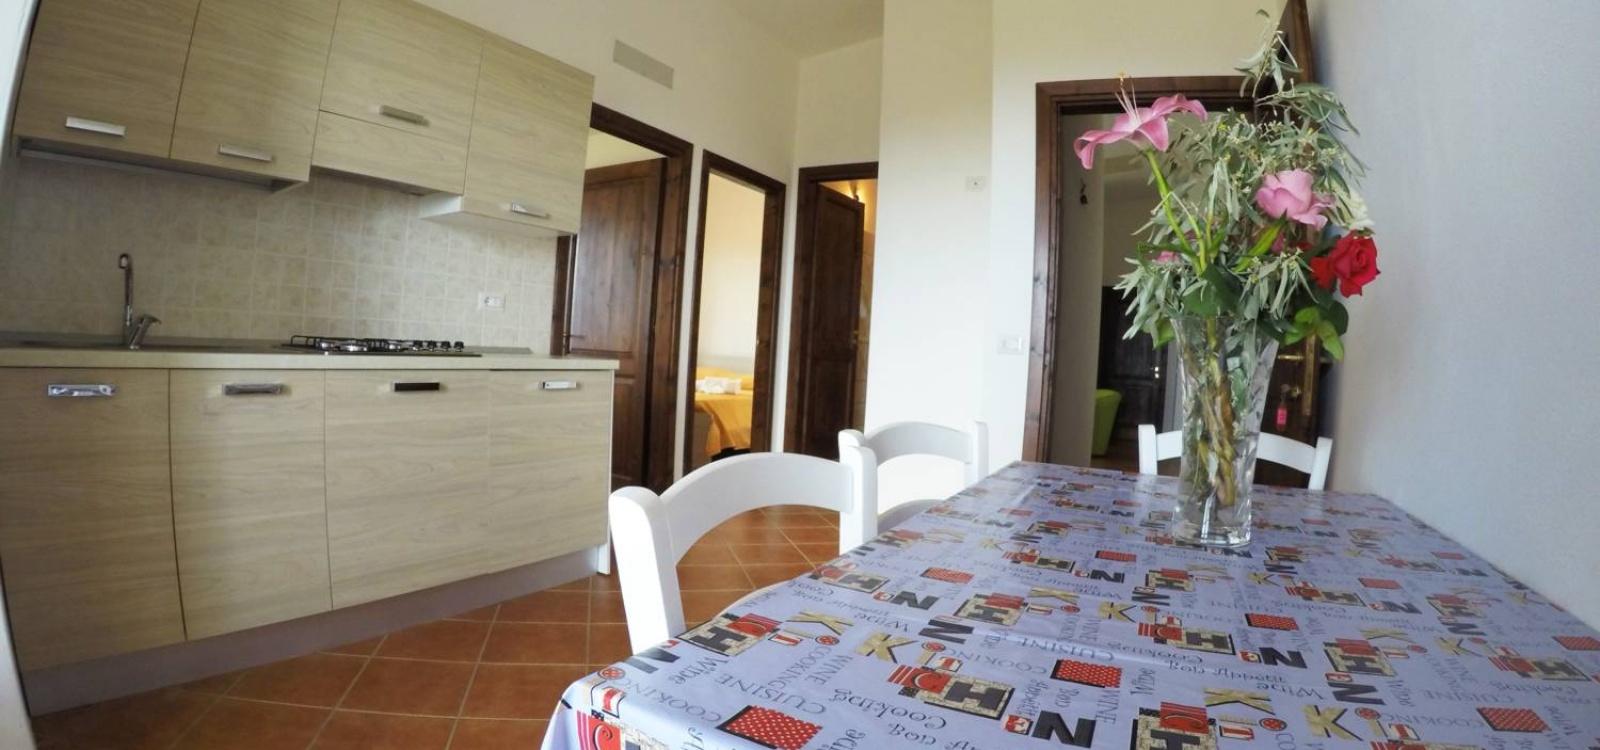 Residence, Affitto per vacanze, Pozzo, ID Struttura 1220, Capo Vaticano, Ricadi, Vibo Valentia, Italy, 89866,